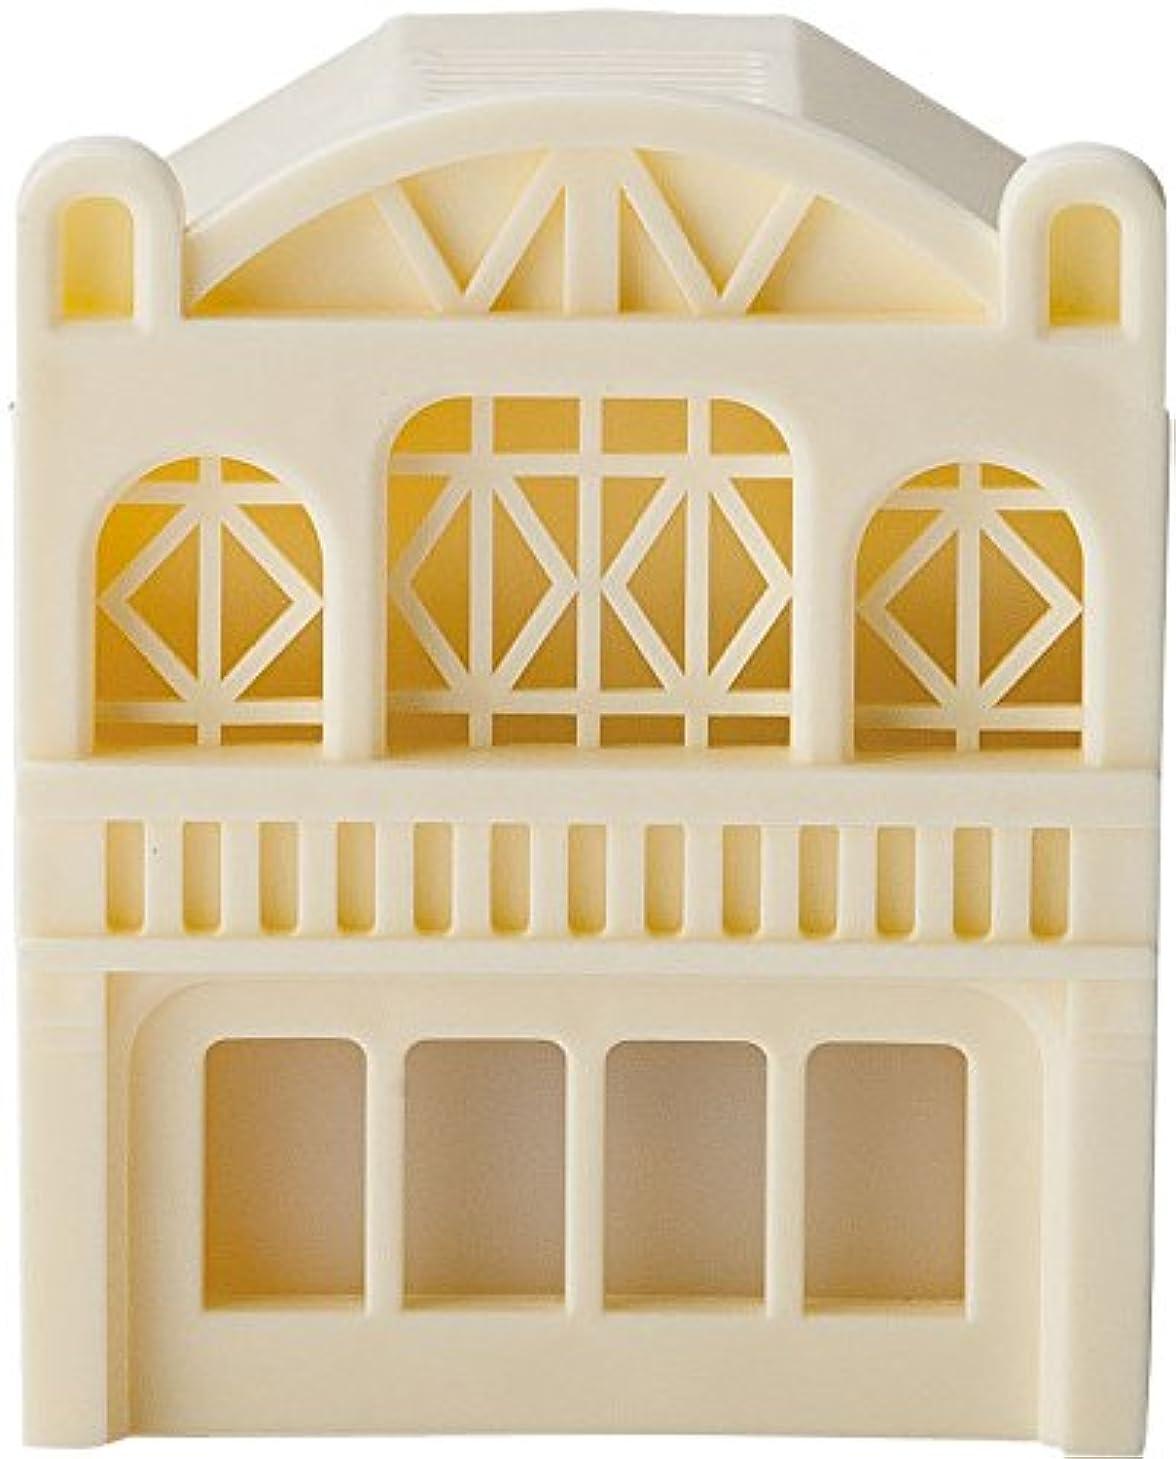 ベット世界記録のギネスブック尊敬するラドンナ CUTENSIL AROMA HOUSE FAN (アロマハウスファン) CU01-AHF アイボリー